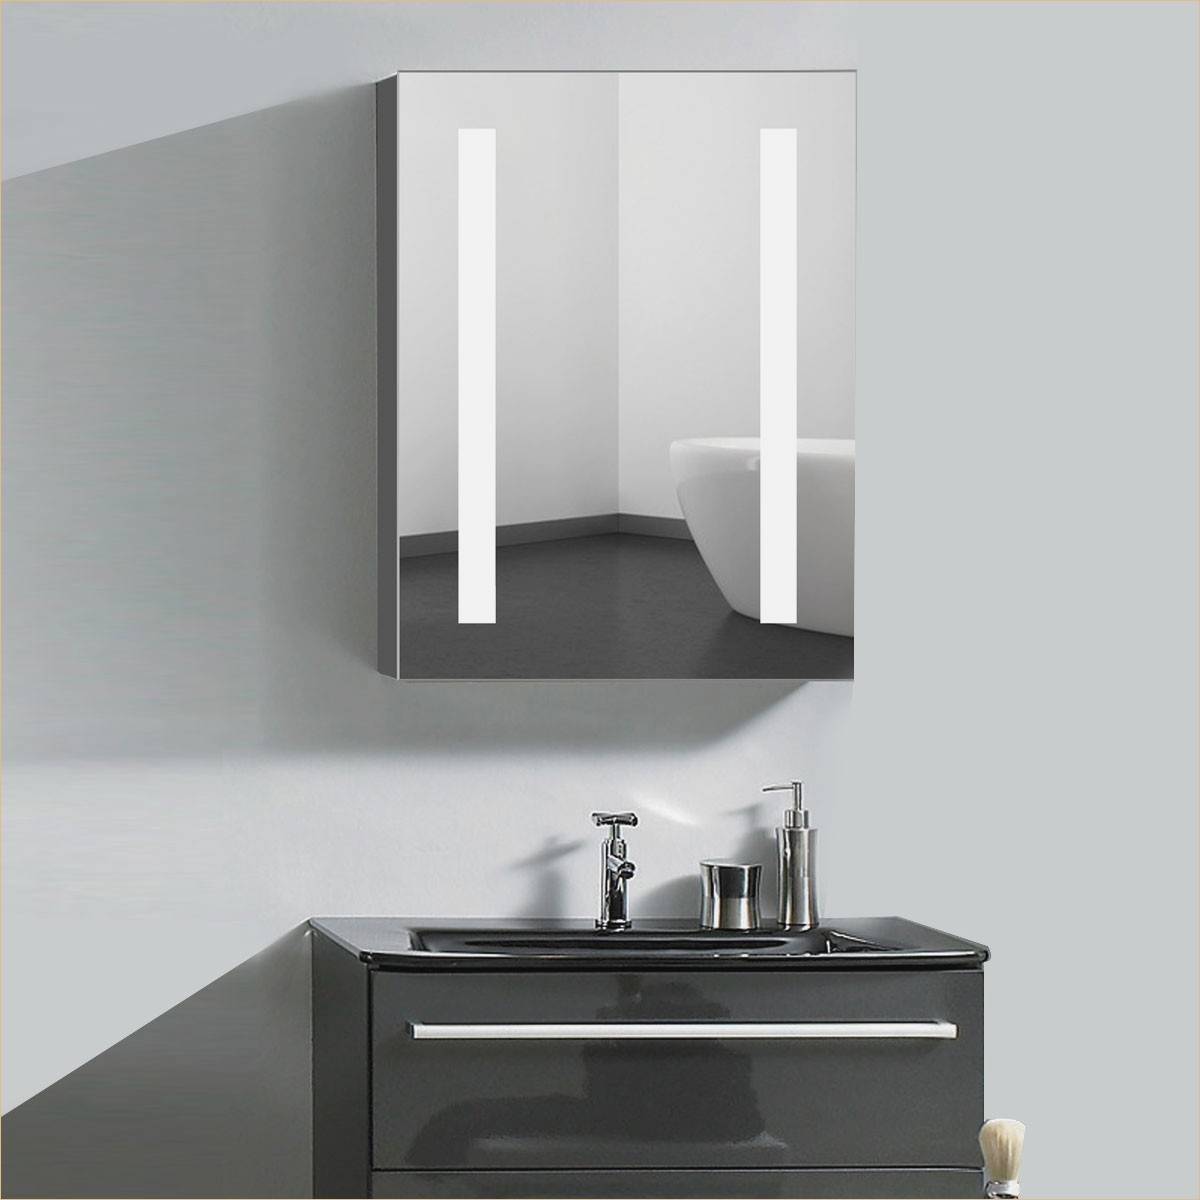 Meuble Wc Brico Dépot Élégant Stock Fantastiqué Meuble Miroir Salle De Bain